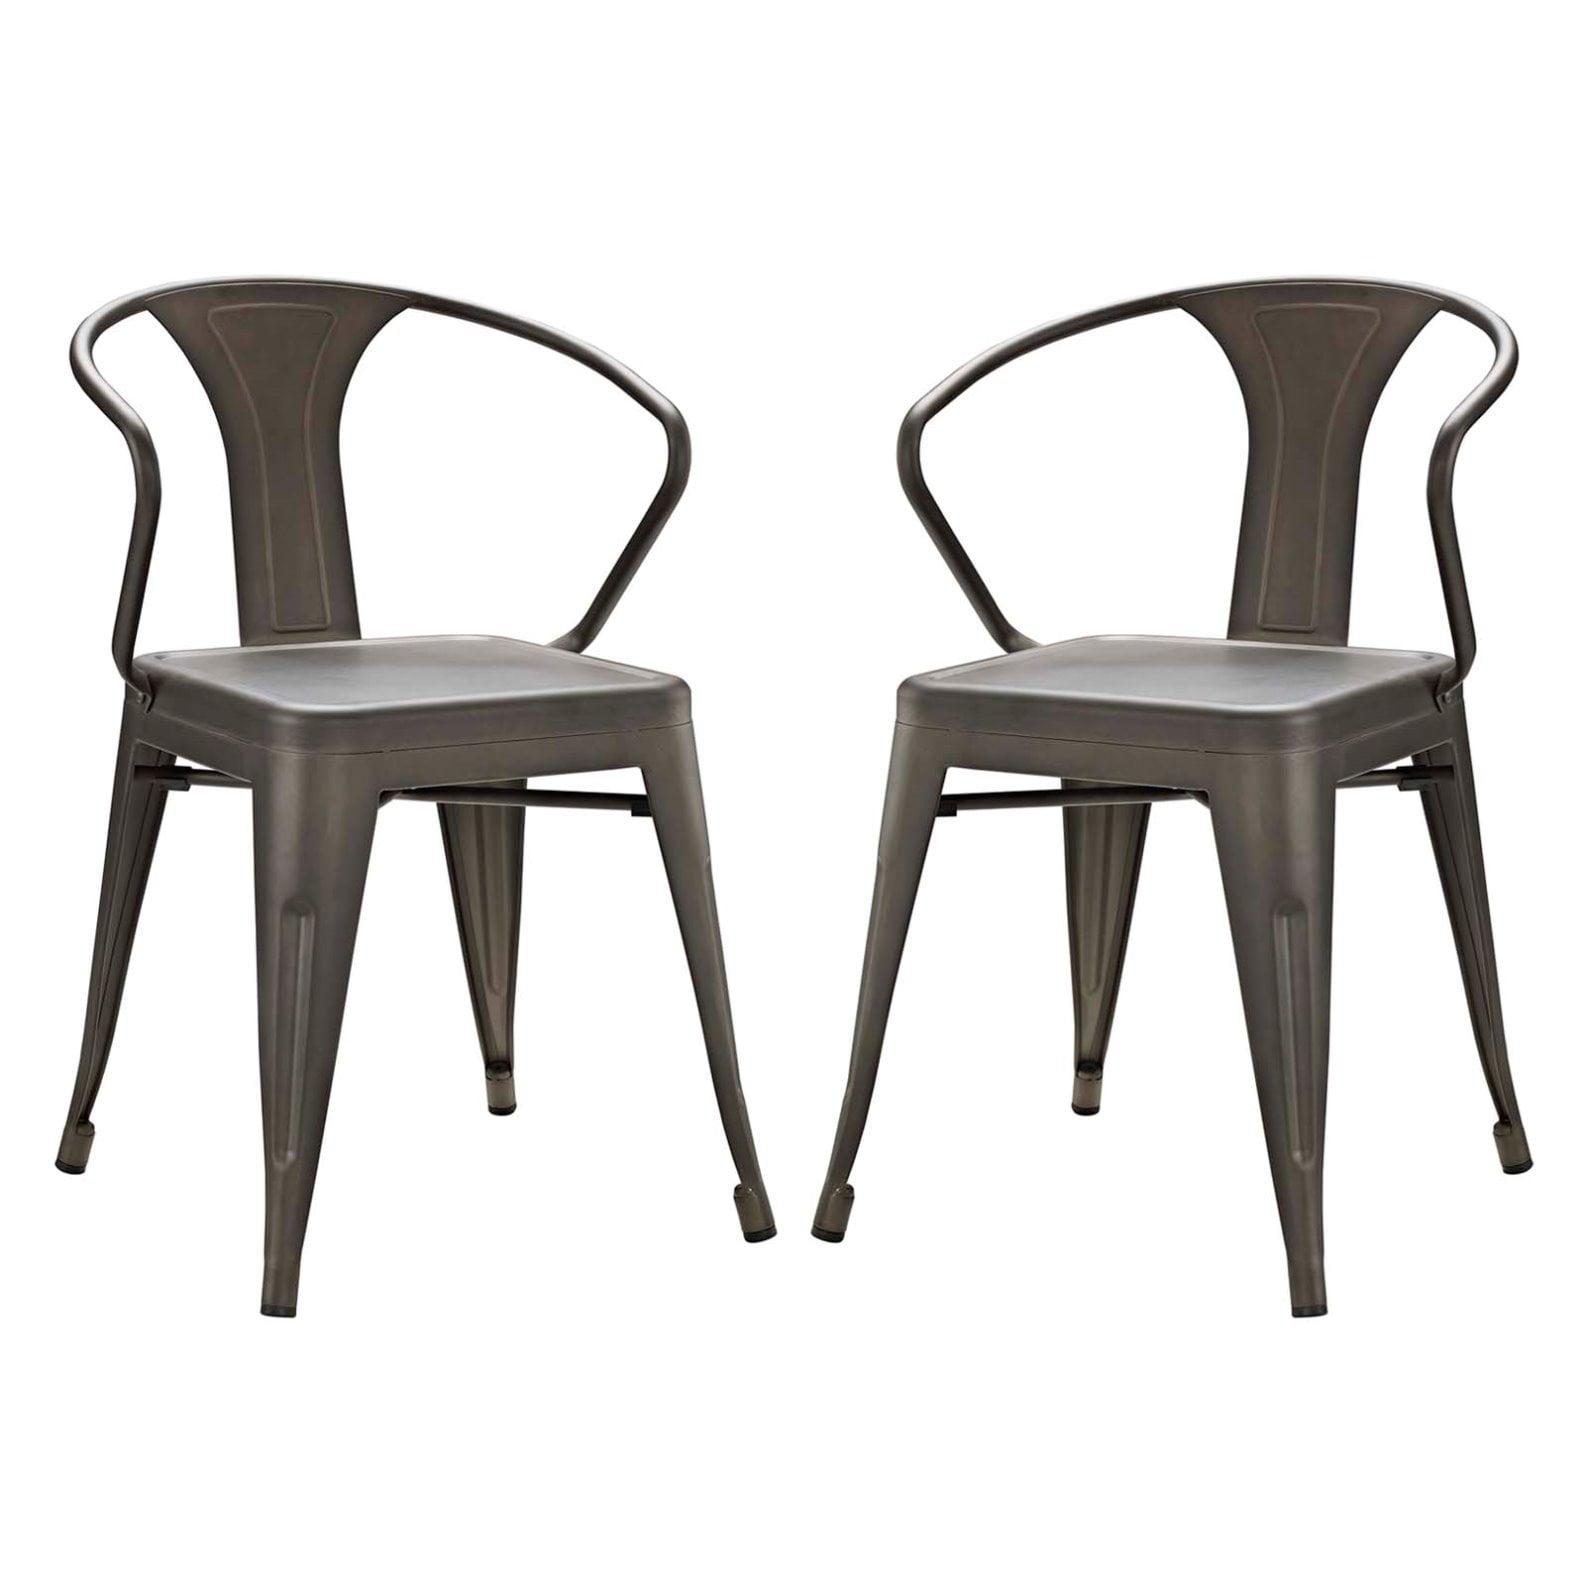 Modern Contemporary Urban Design Kitchen Dining Side Chair: Modern Contemporary Urban Design Industrial Distressed